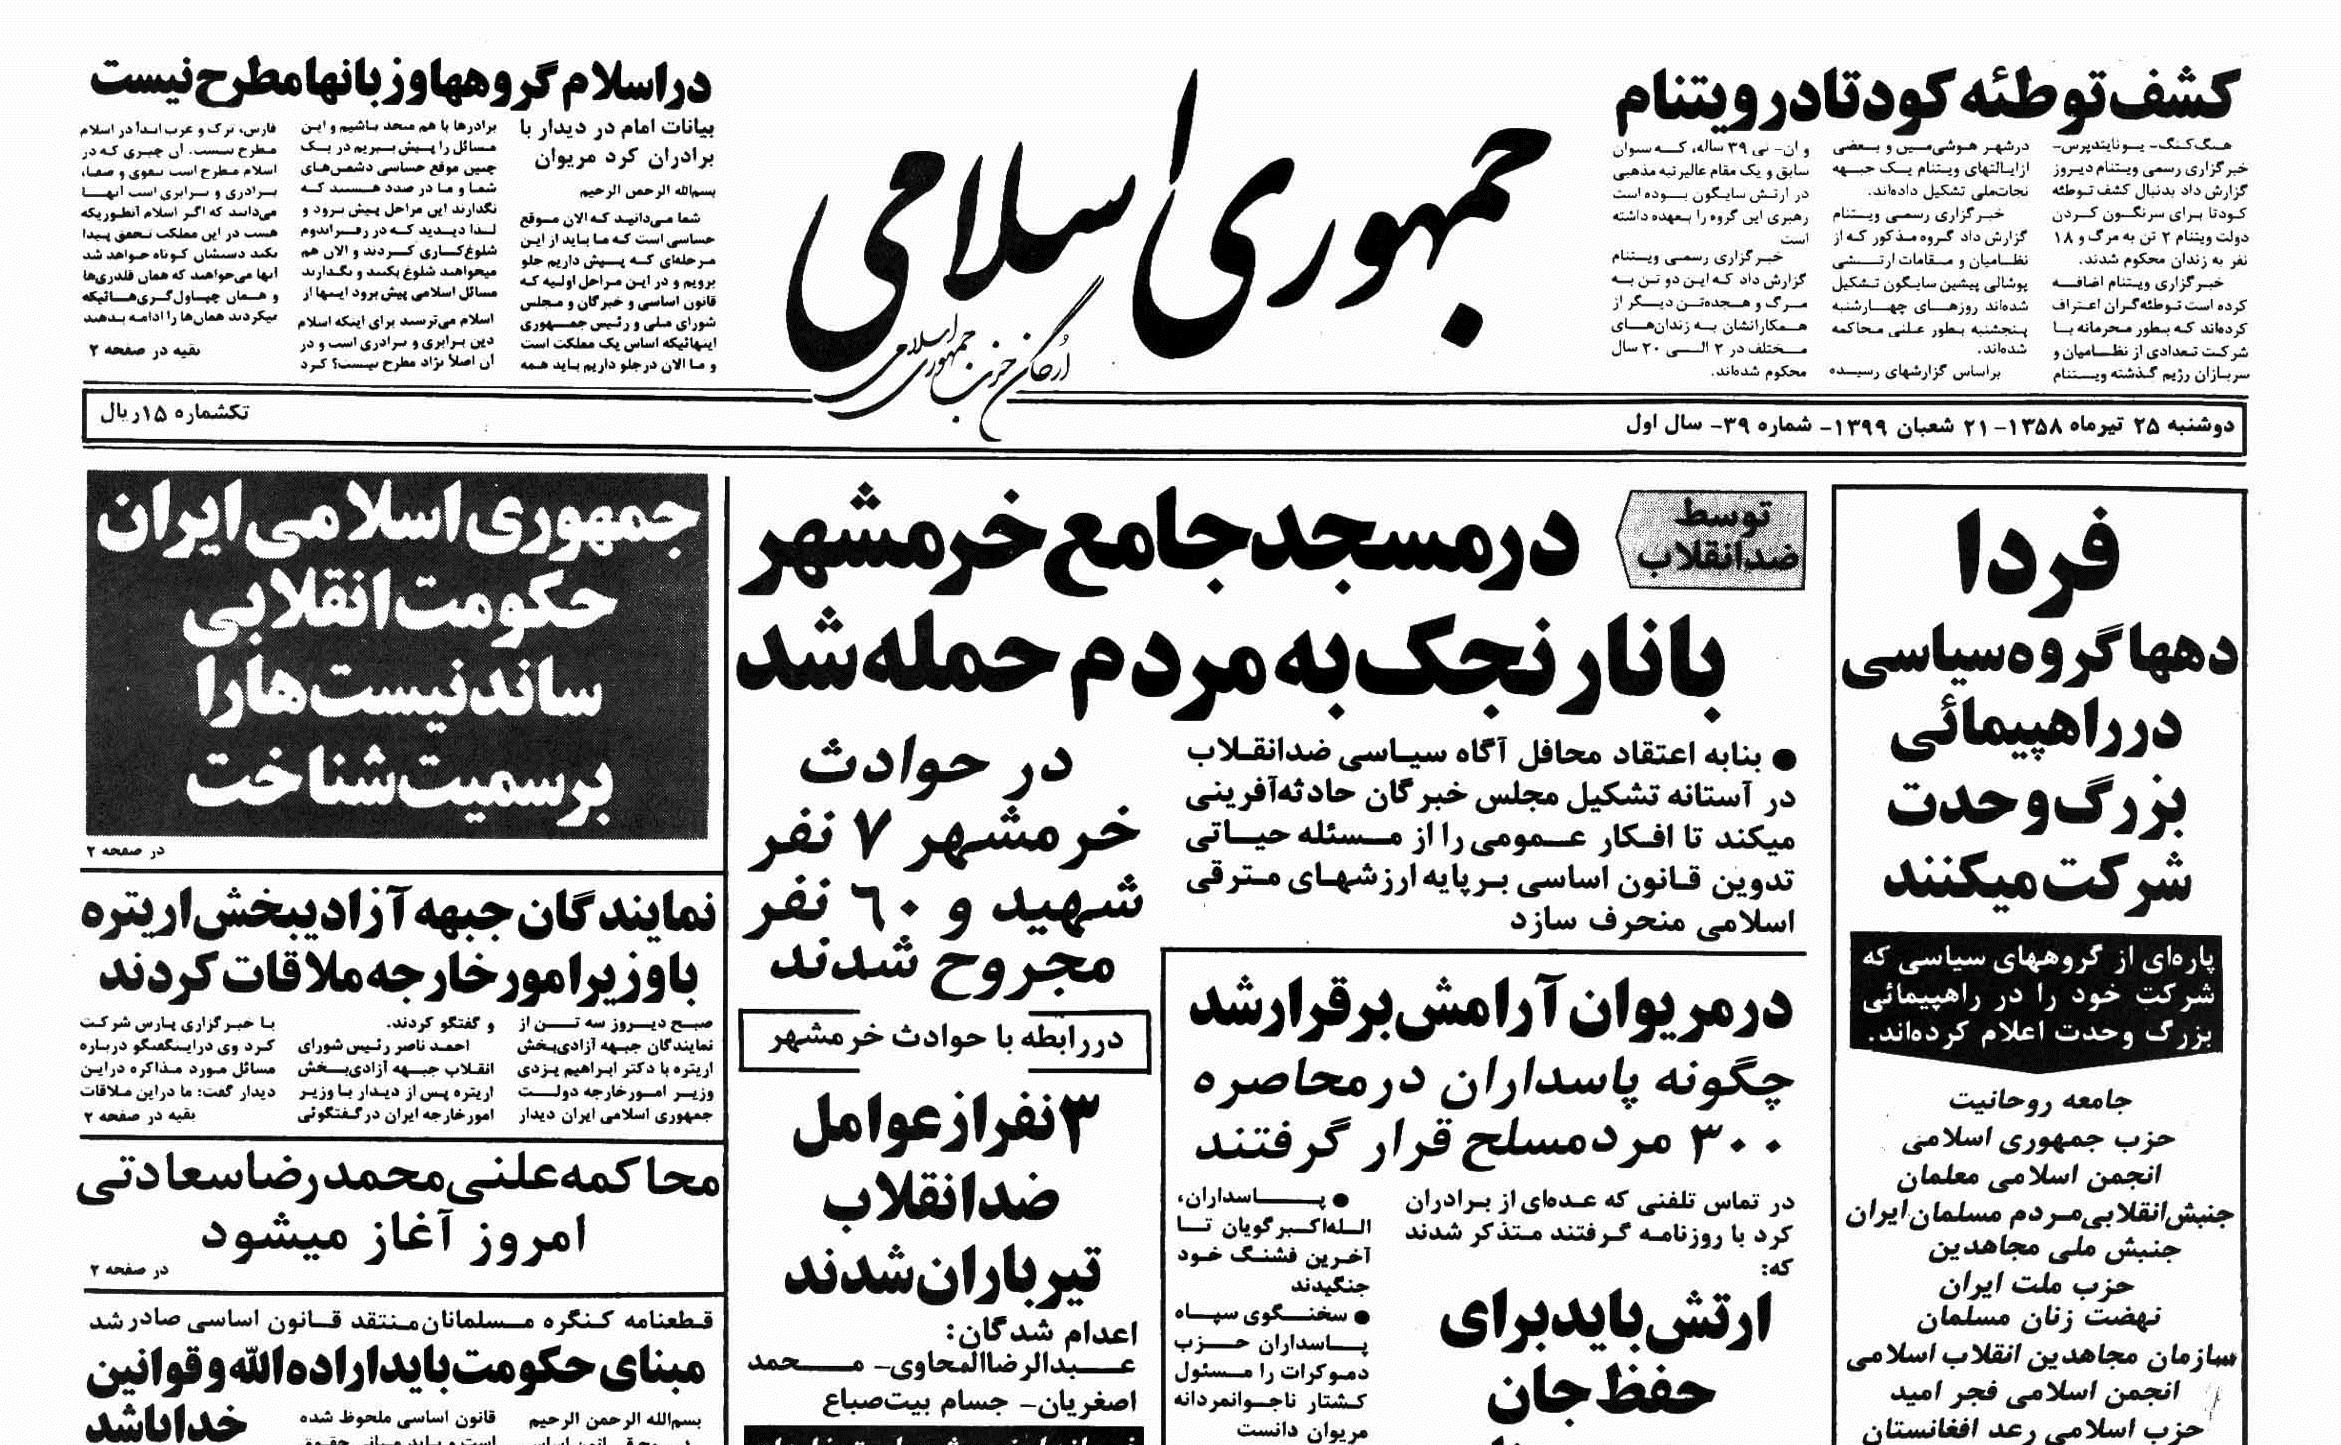 مروری بر جنایت های تروریستی گروهک های تجزیه طلب در خوزستان